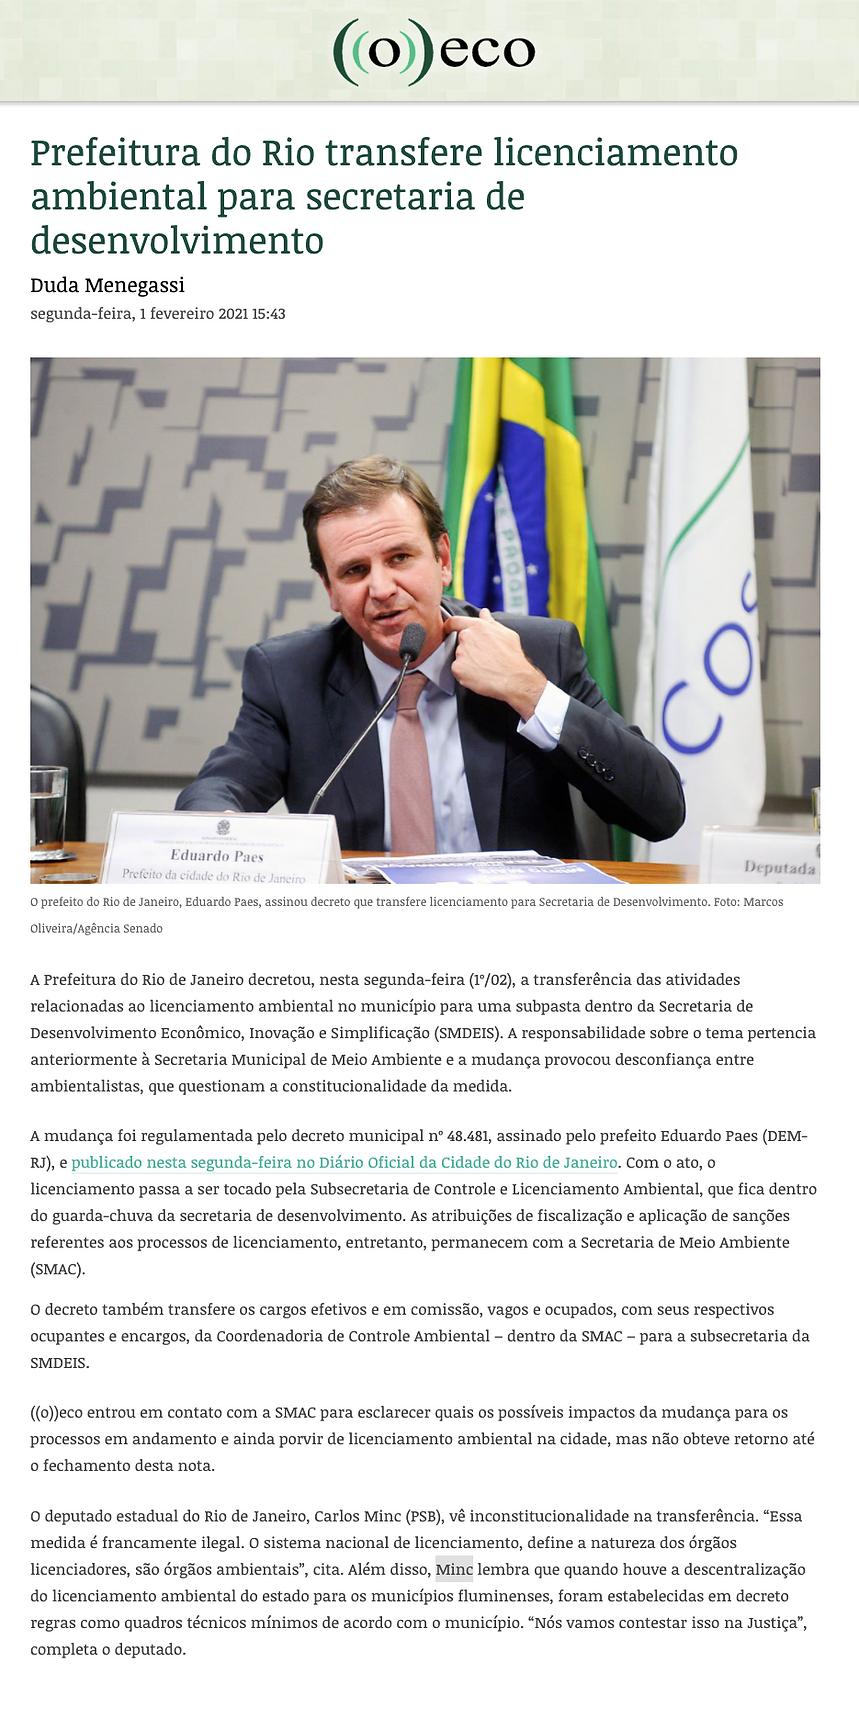 screenshot-www.oeco.org.br-2021.02.02-10